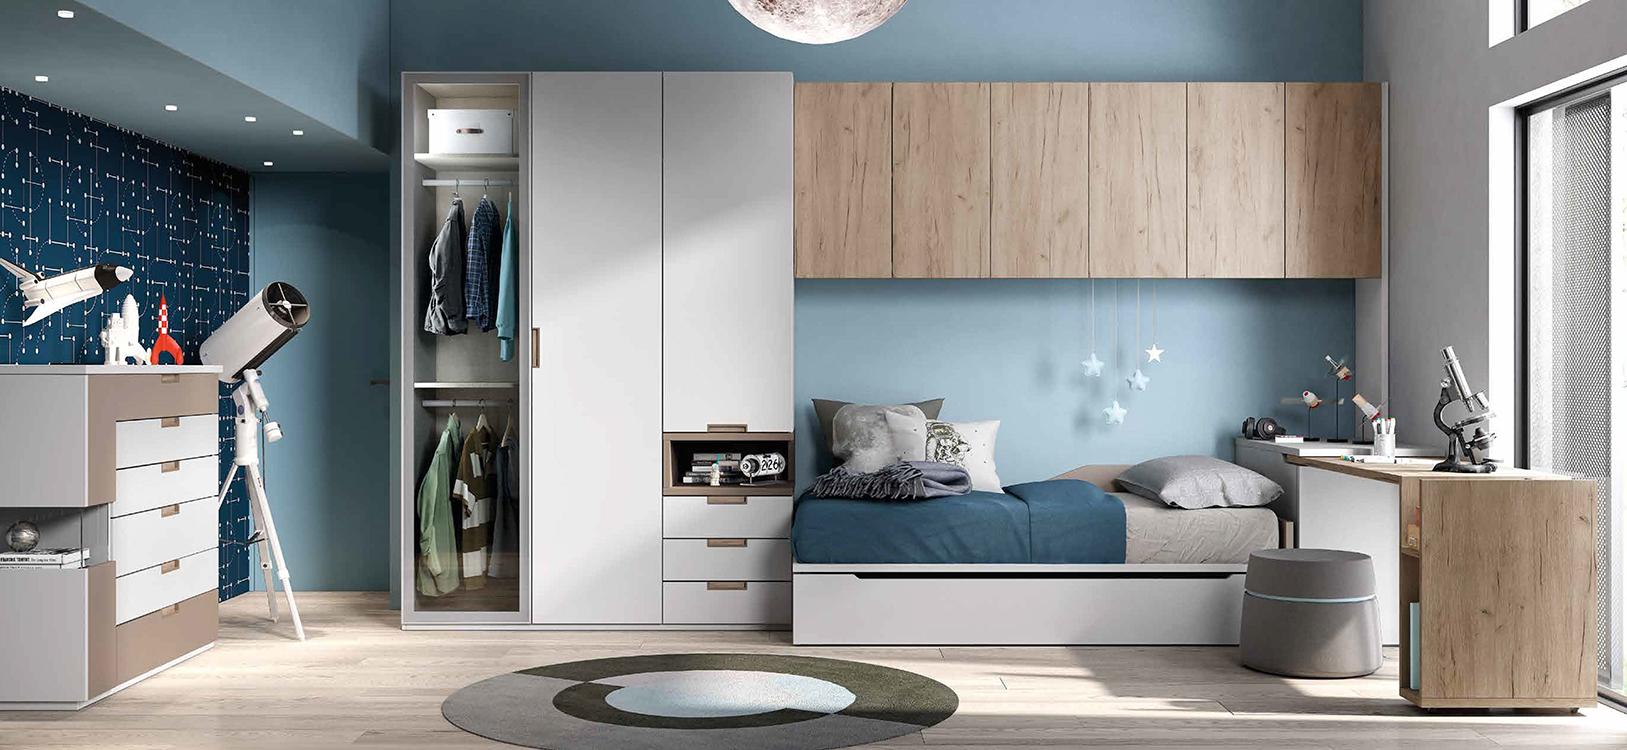 http://www.munozmuebles.net/nueva/catalogo/juveniles-modulares.html - Fotos de  muebles en color melocotón